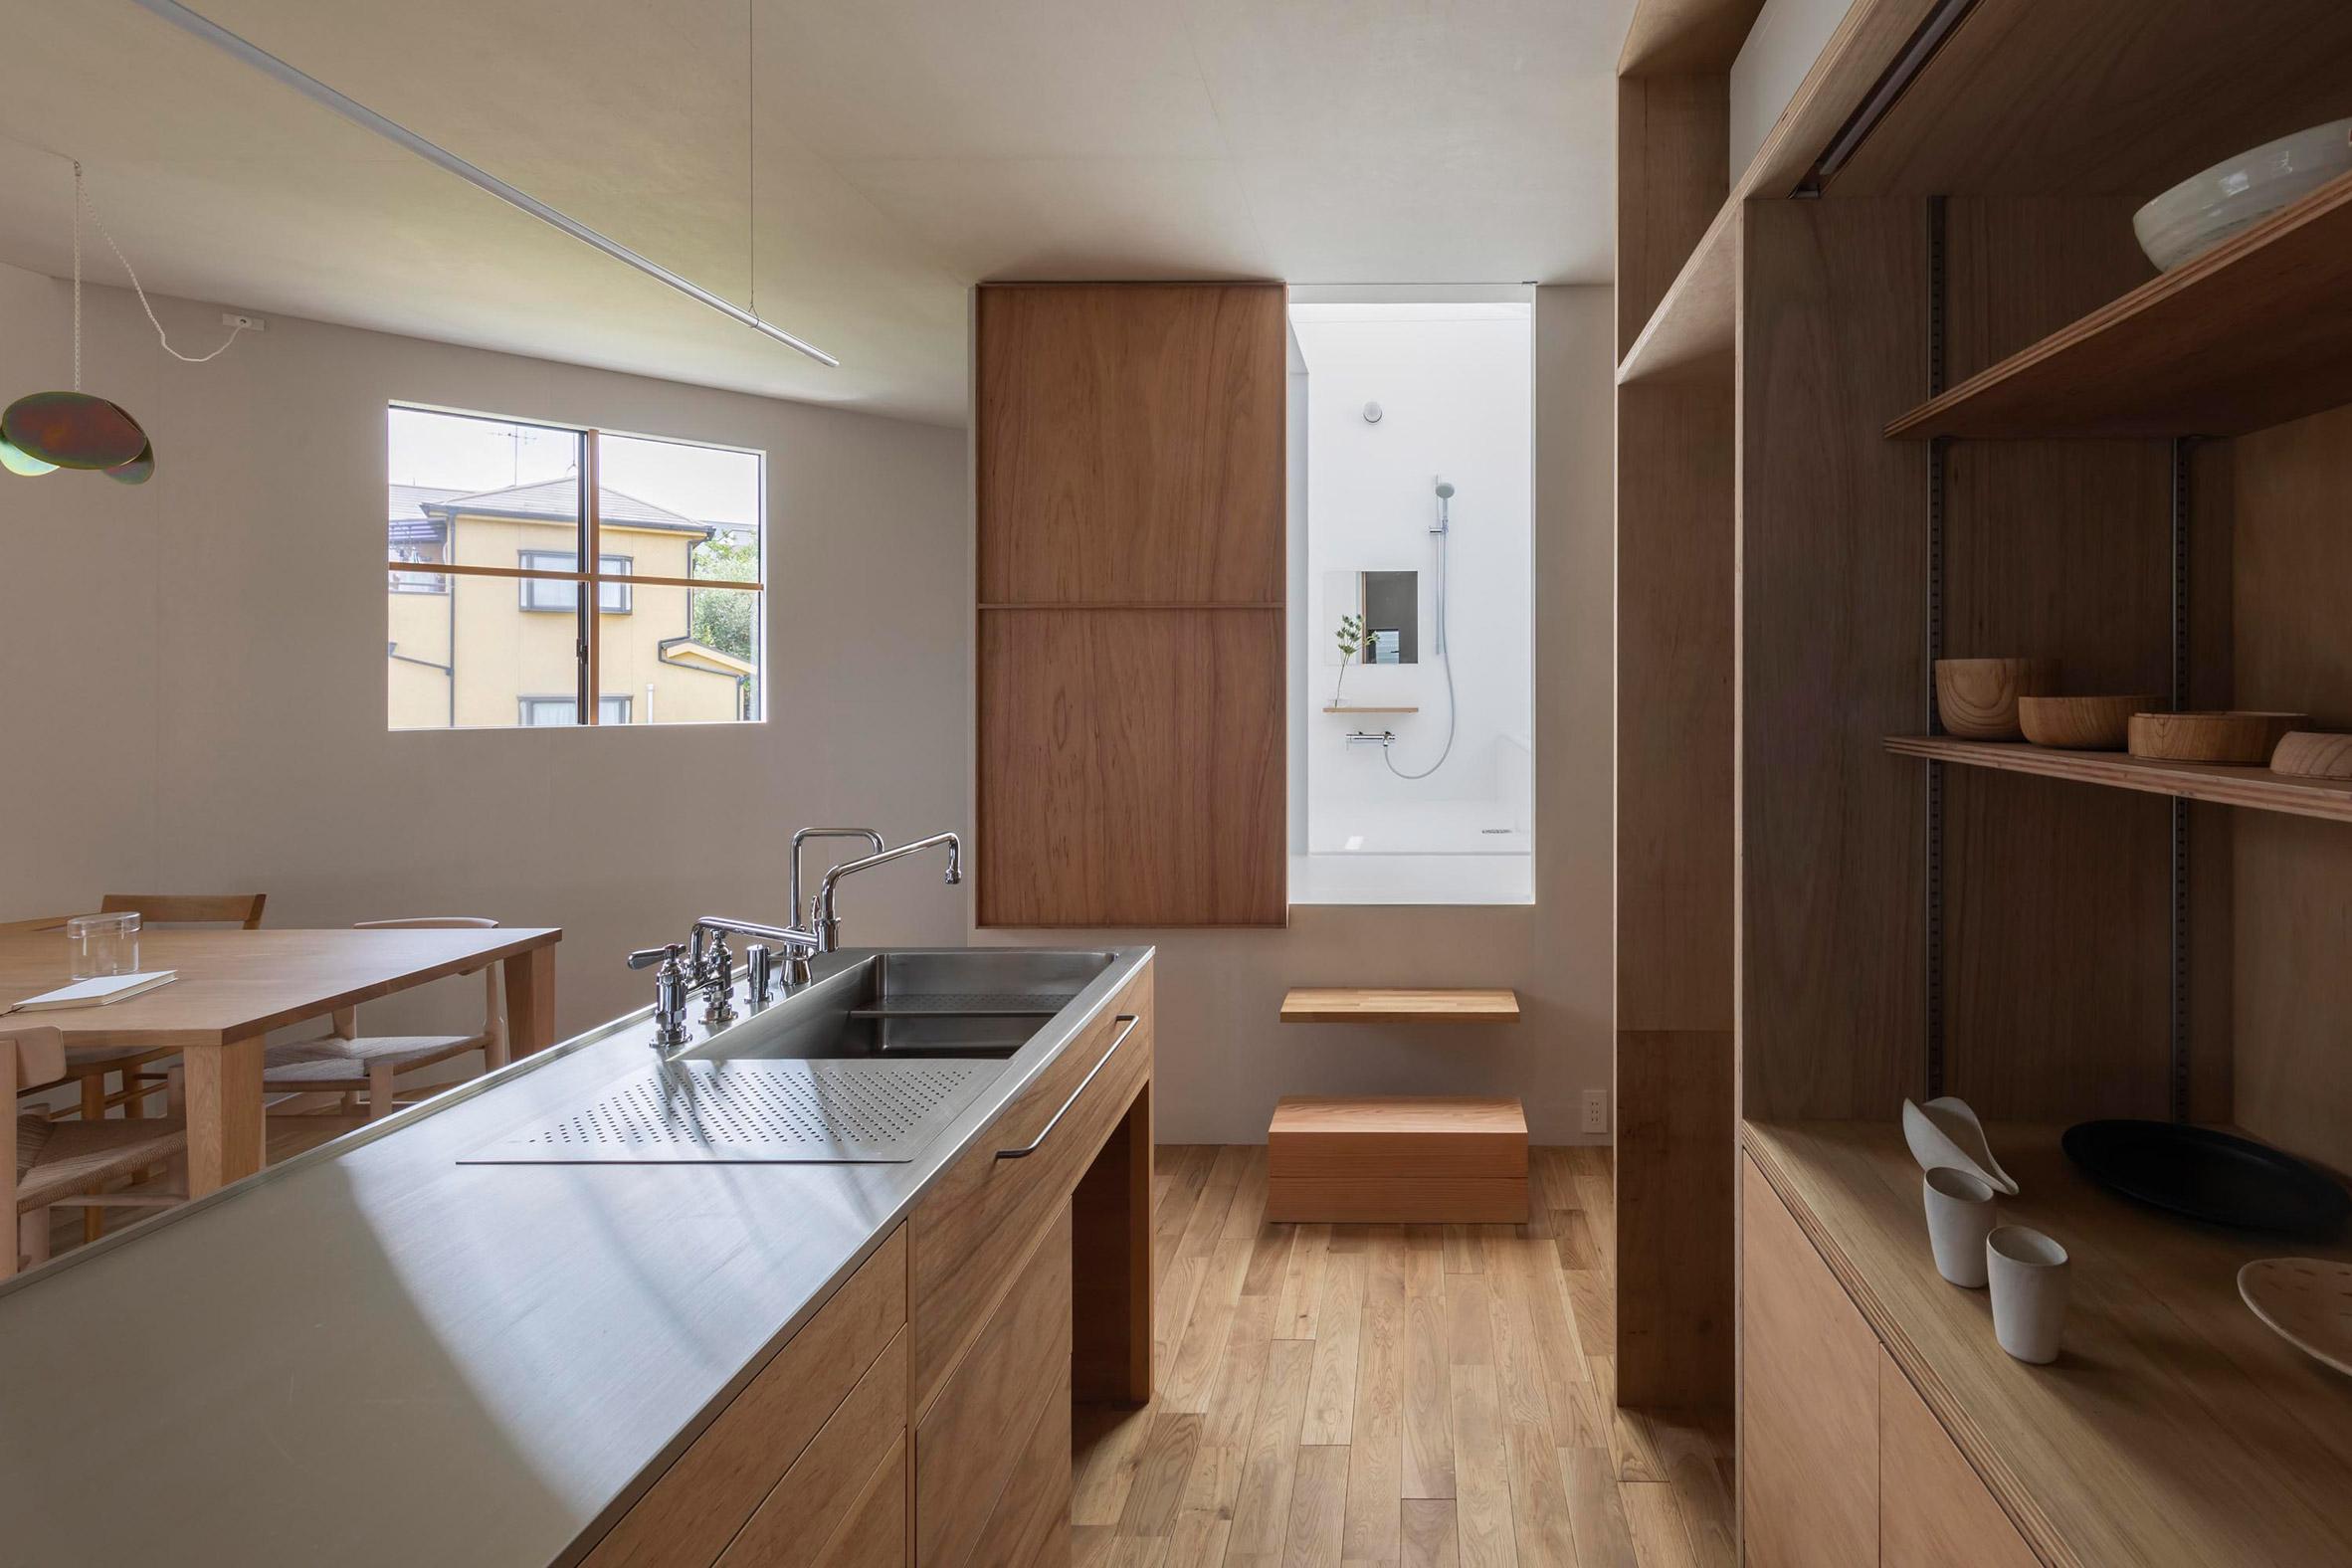 Thiết kế nội thất căn hộ nhỏ 21